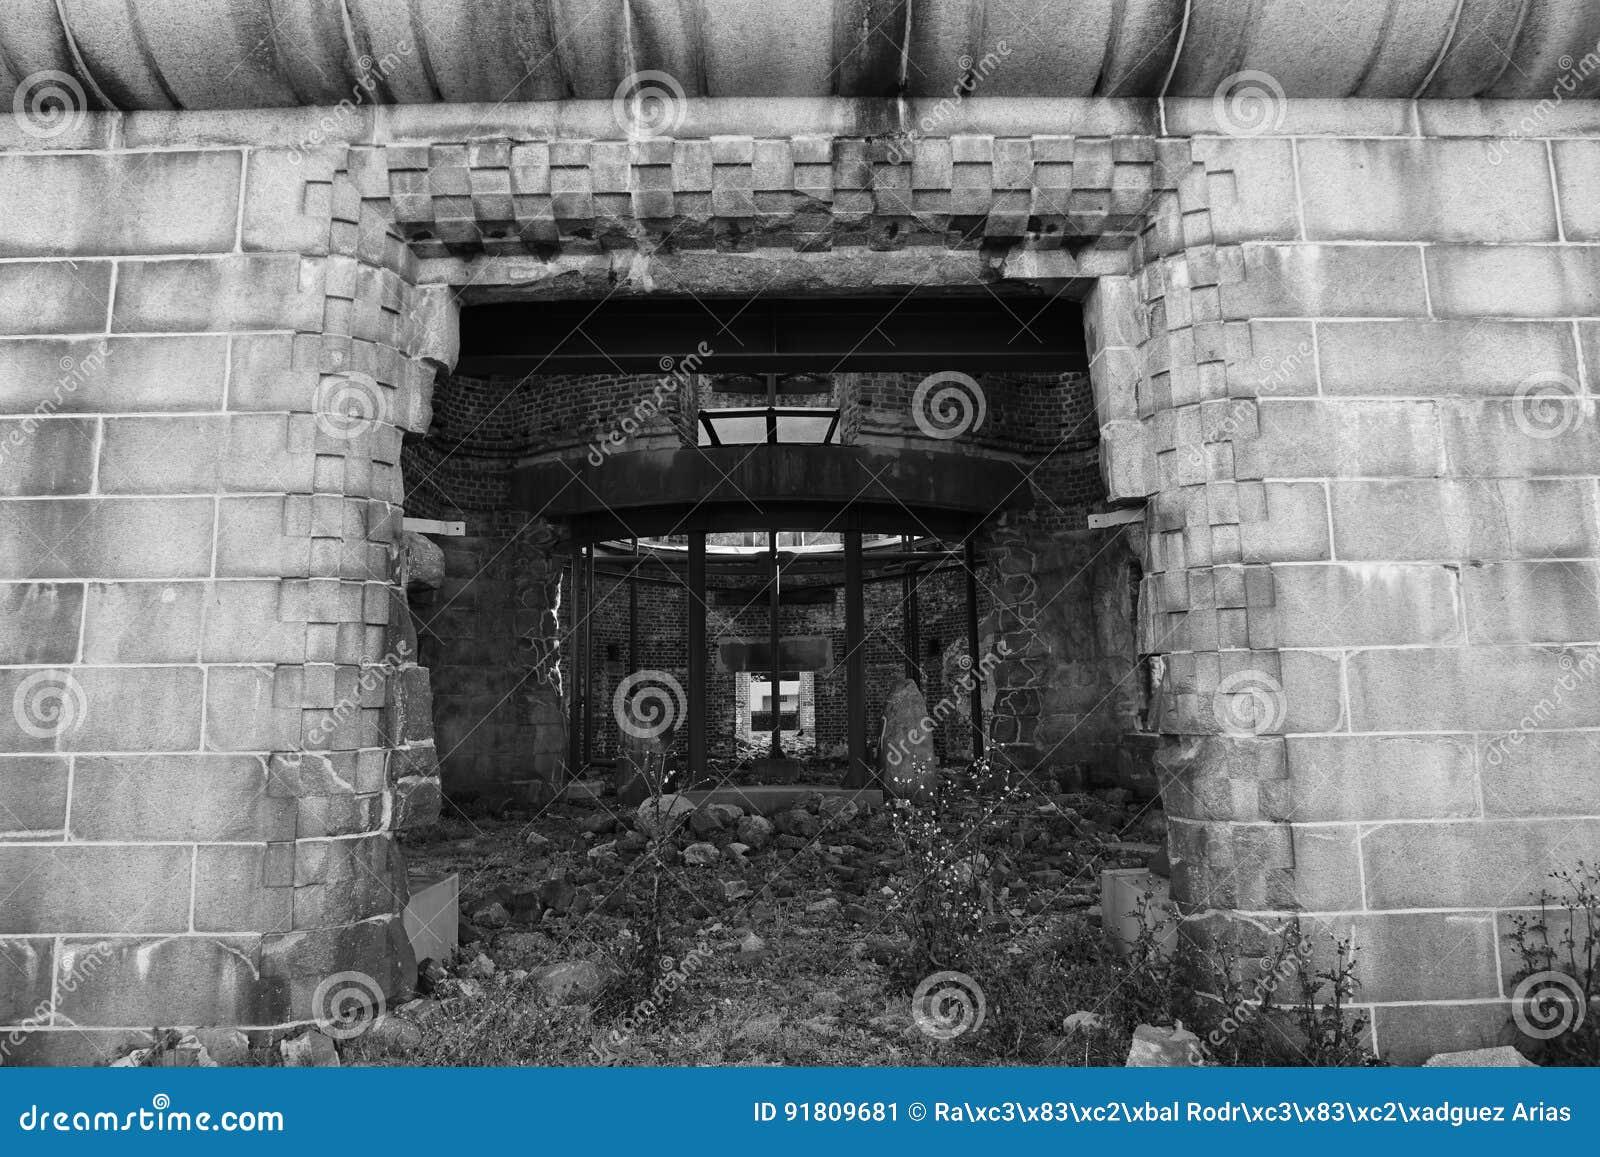 对原子弹圆顶大厦的大门,原子弹爆炸圆顶屋,日本